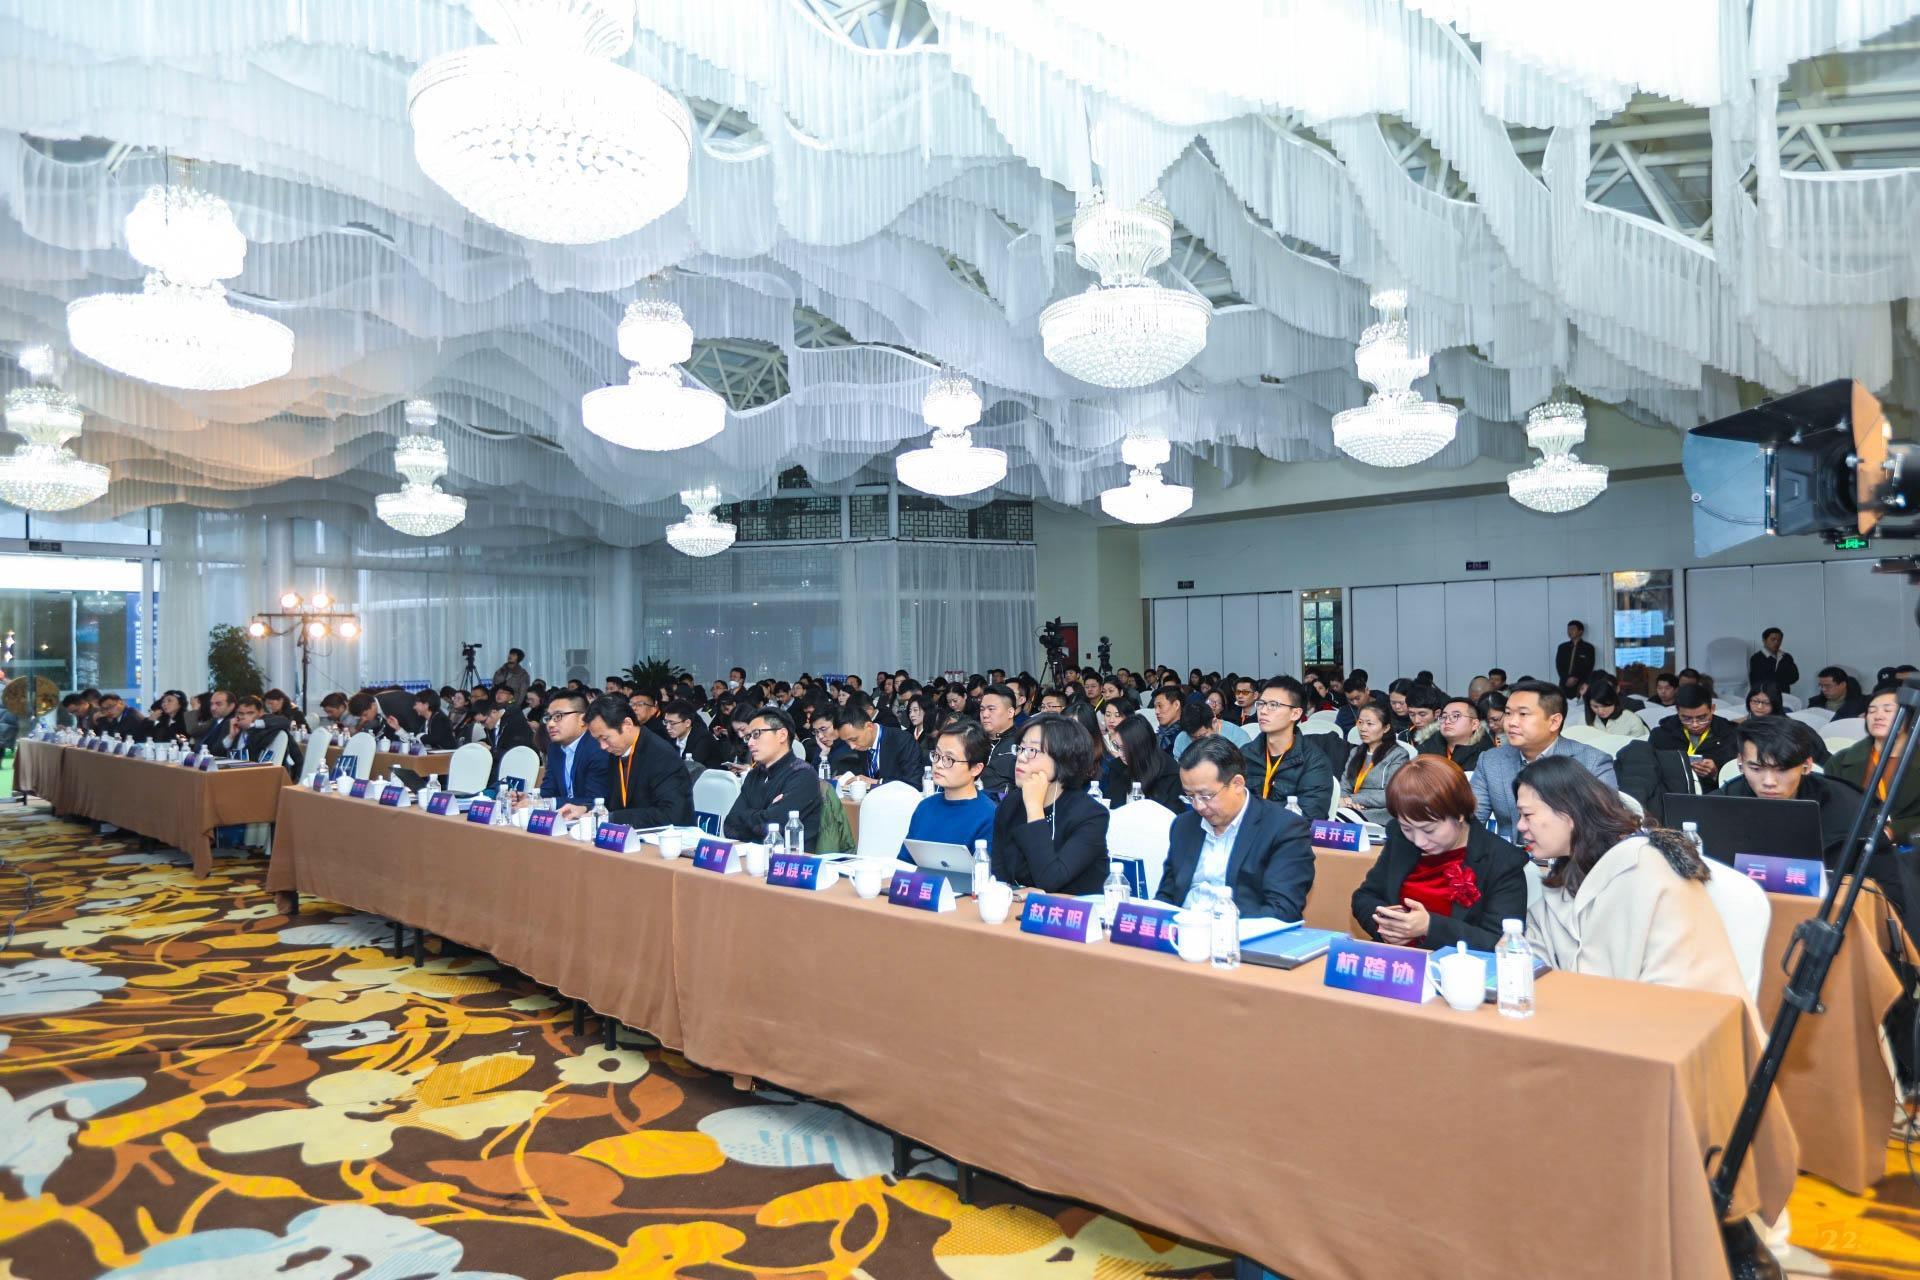 300家跨境电商行业企业齐聚杭州,乐偶受邀畅谈内容赋能电商!